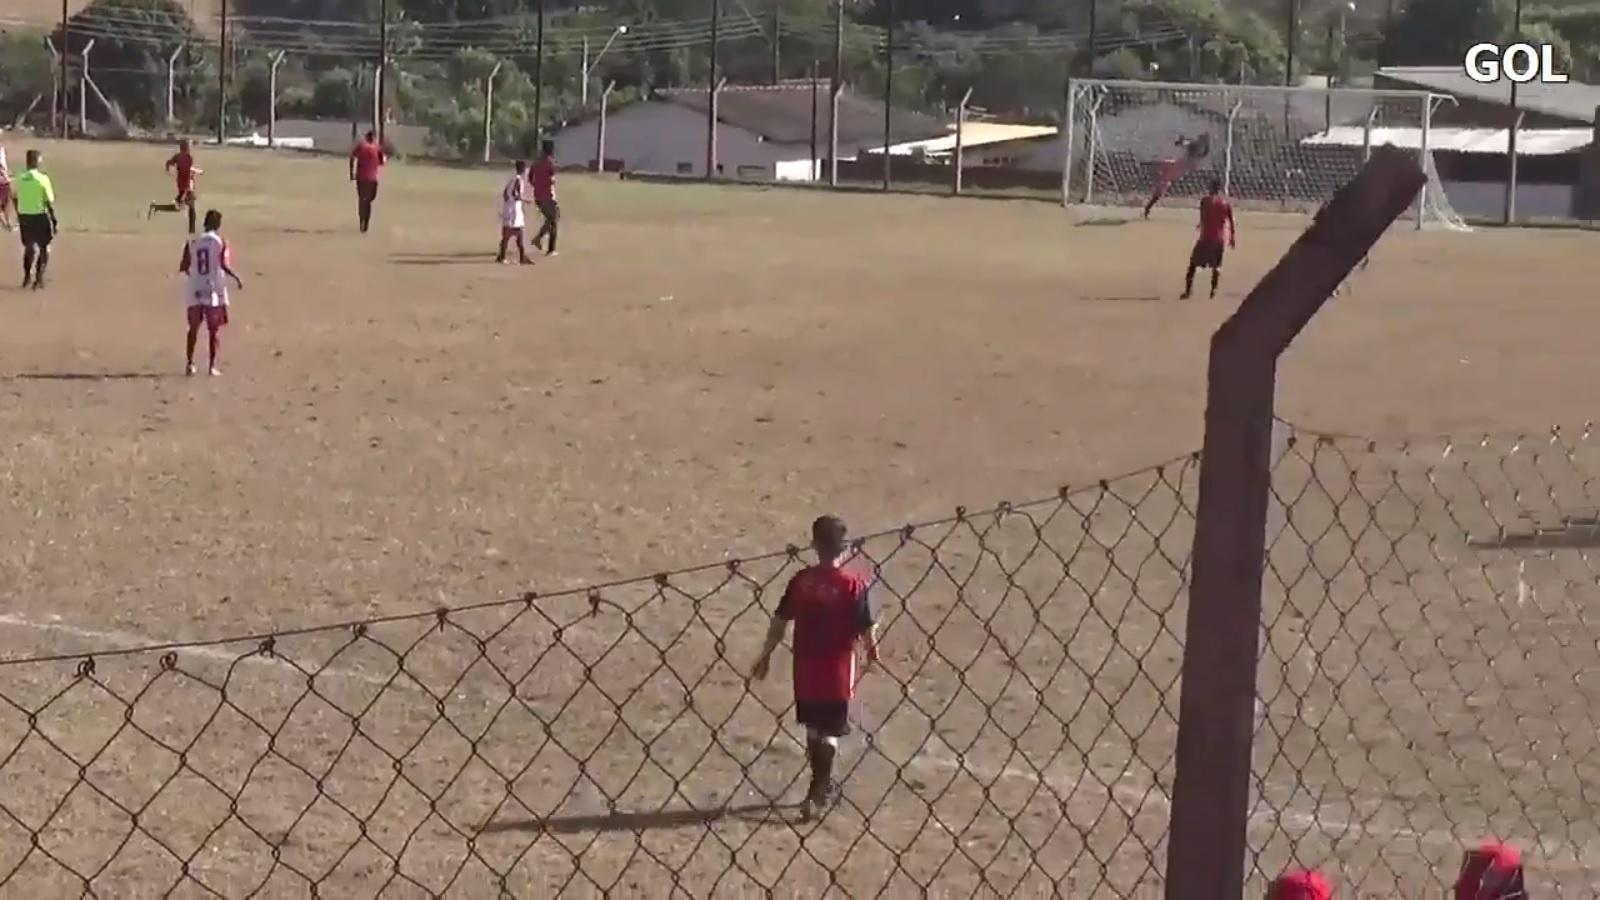 Time mineiro se  candidata  ao prêmio Puskás após gol de jogador sub-14 -  27 07 2018 - UOL Esporte 586934a7a9504